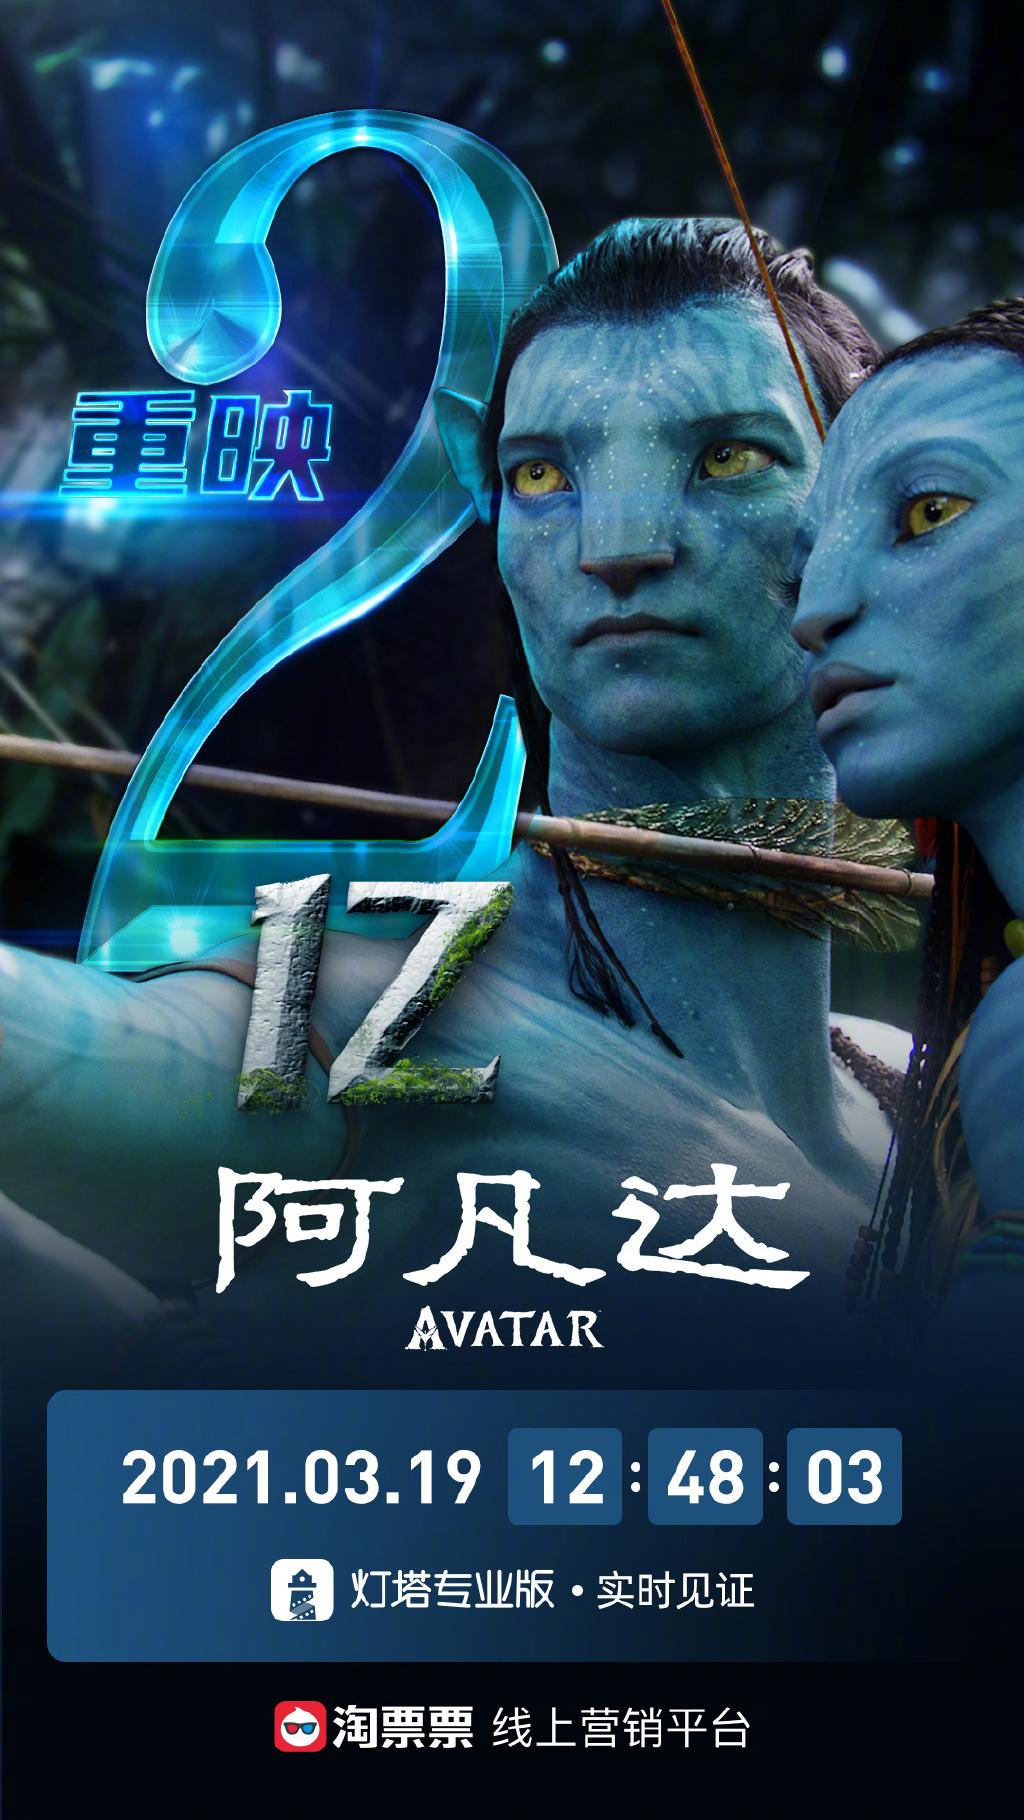 热度不减!《阿凡达》中国内地重映票房超过2亿元